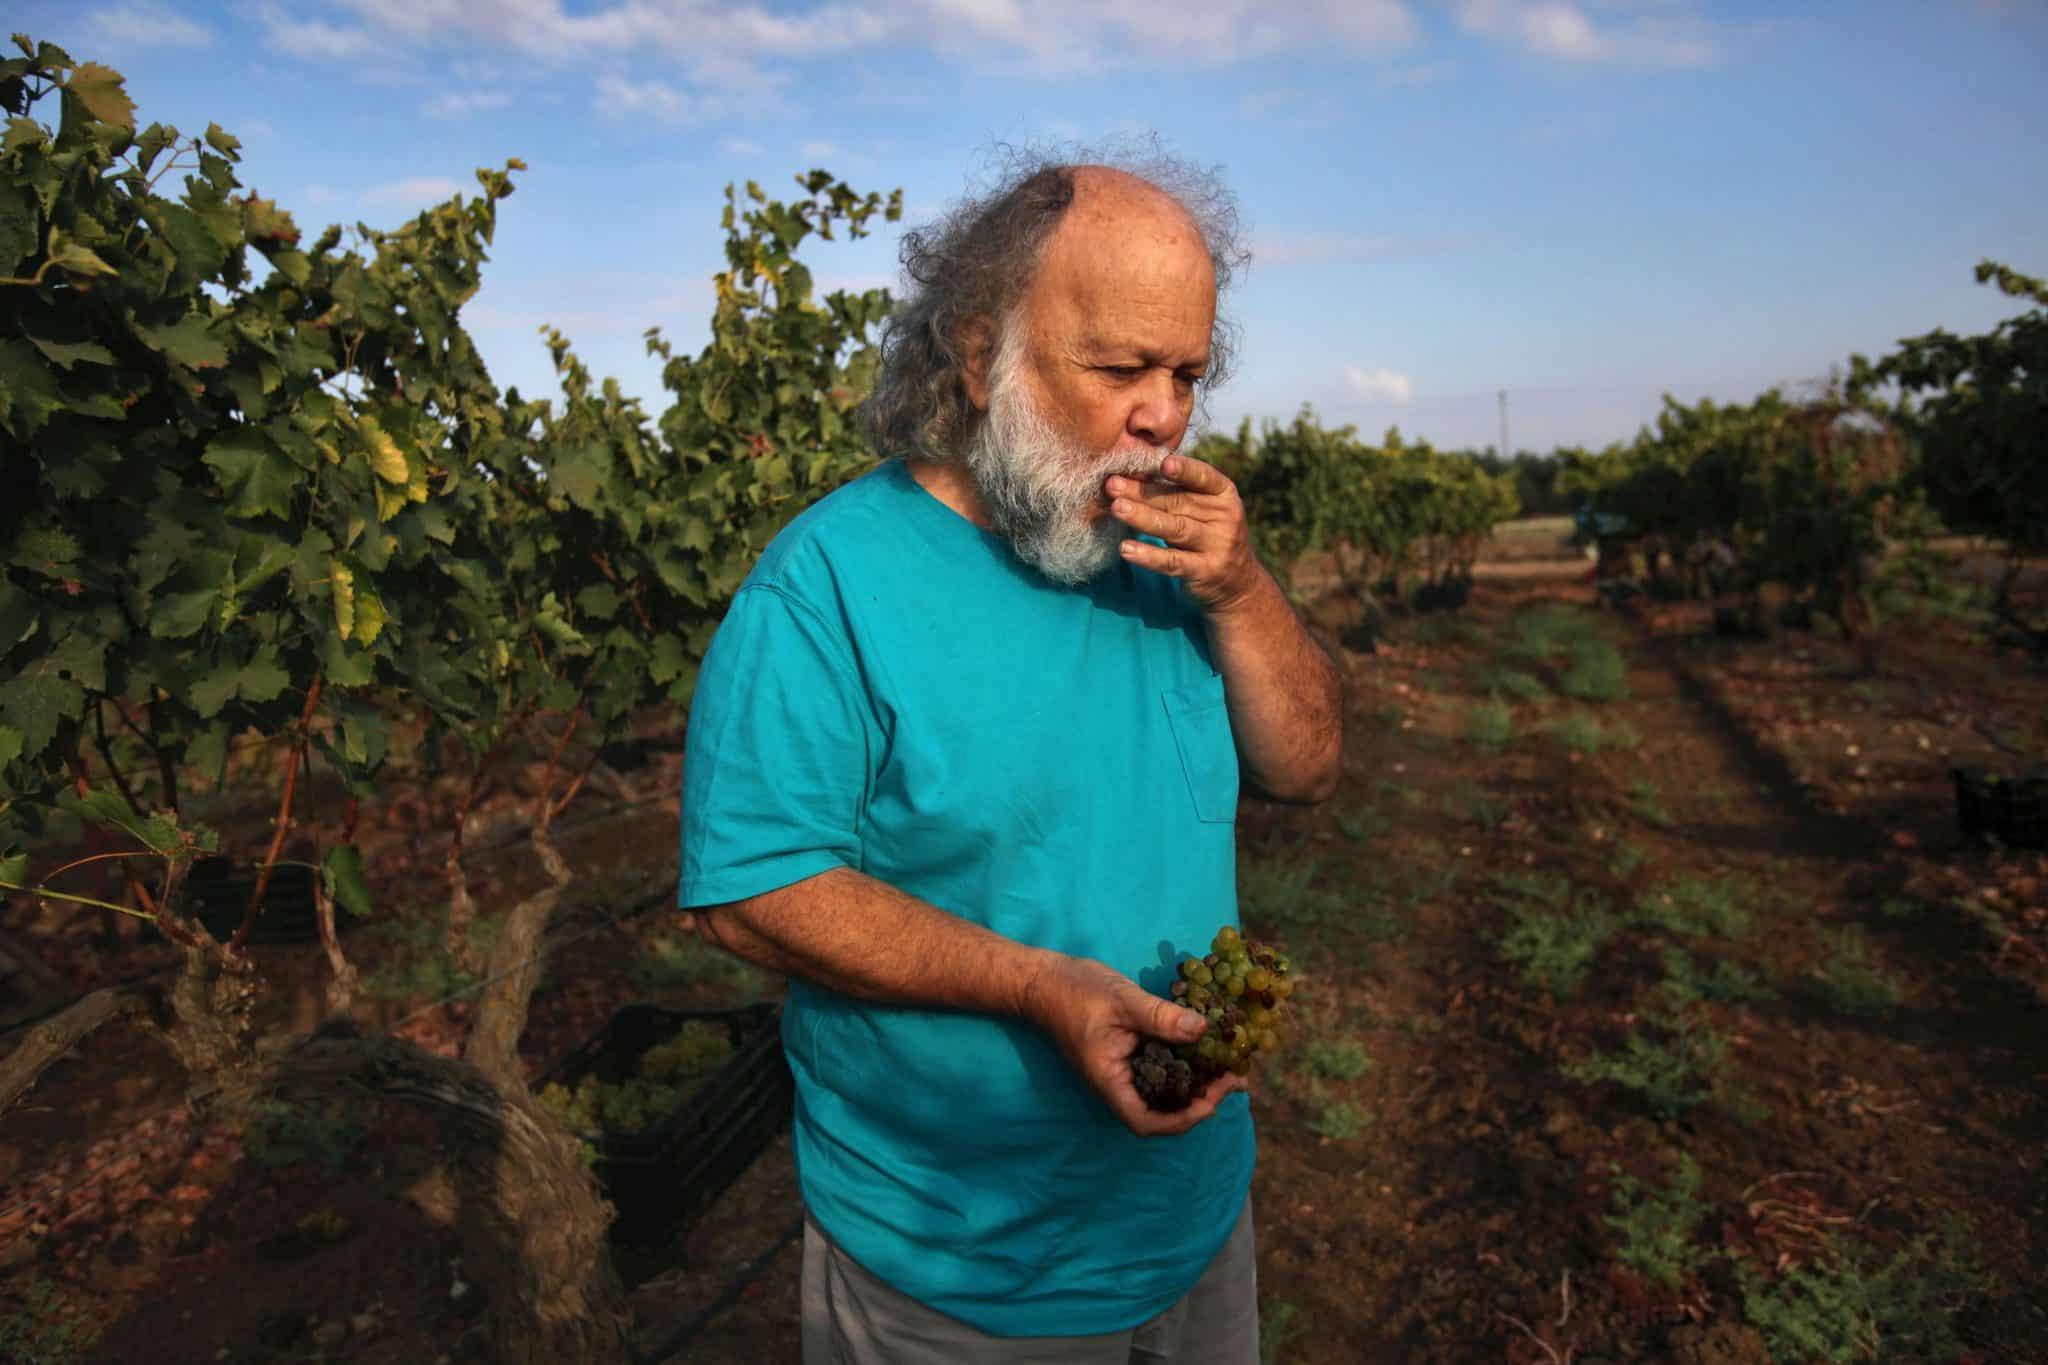 אי אפשר להישאר אדיש אל זאב ואל יינותיו. או שאוהבים או שלא. צילום דוד סילברמן dpsimages